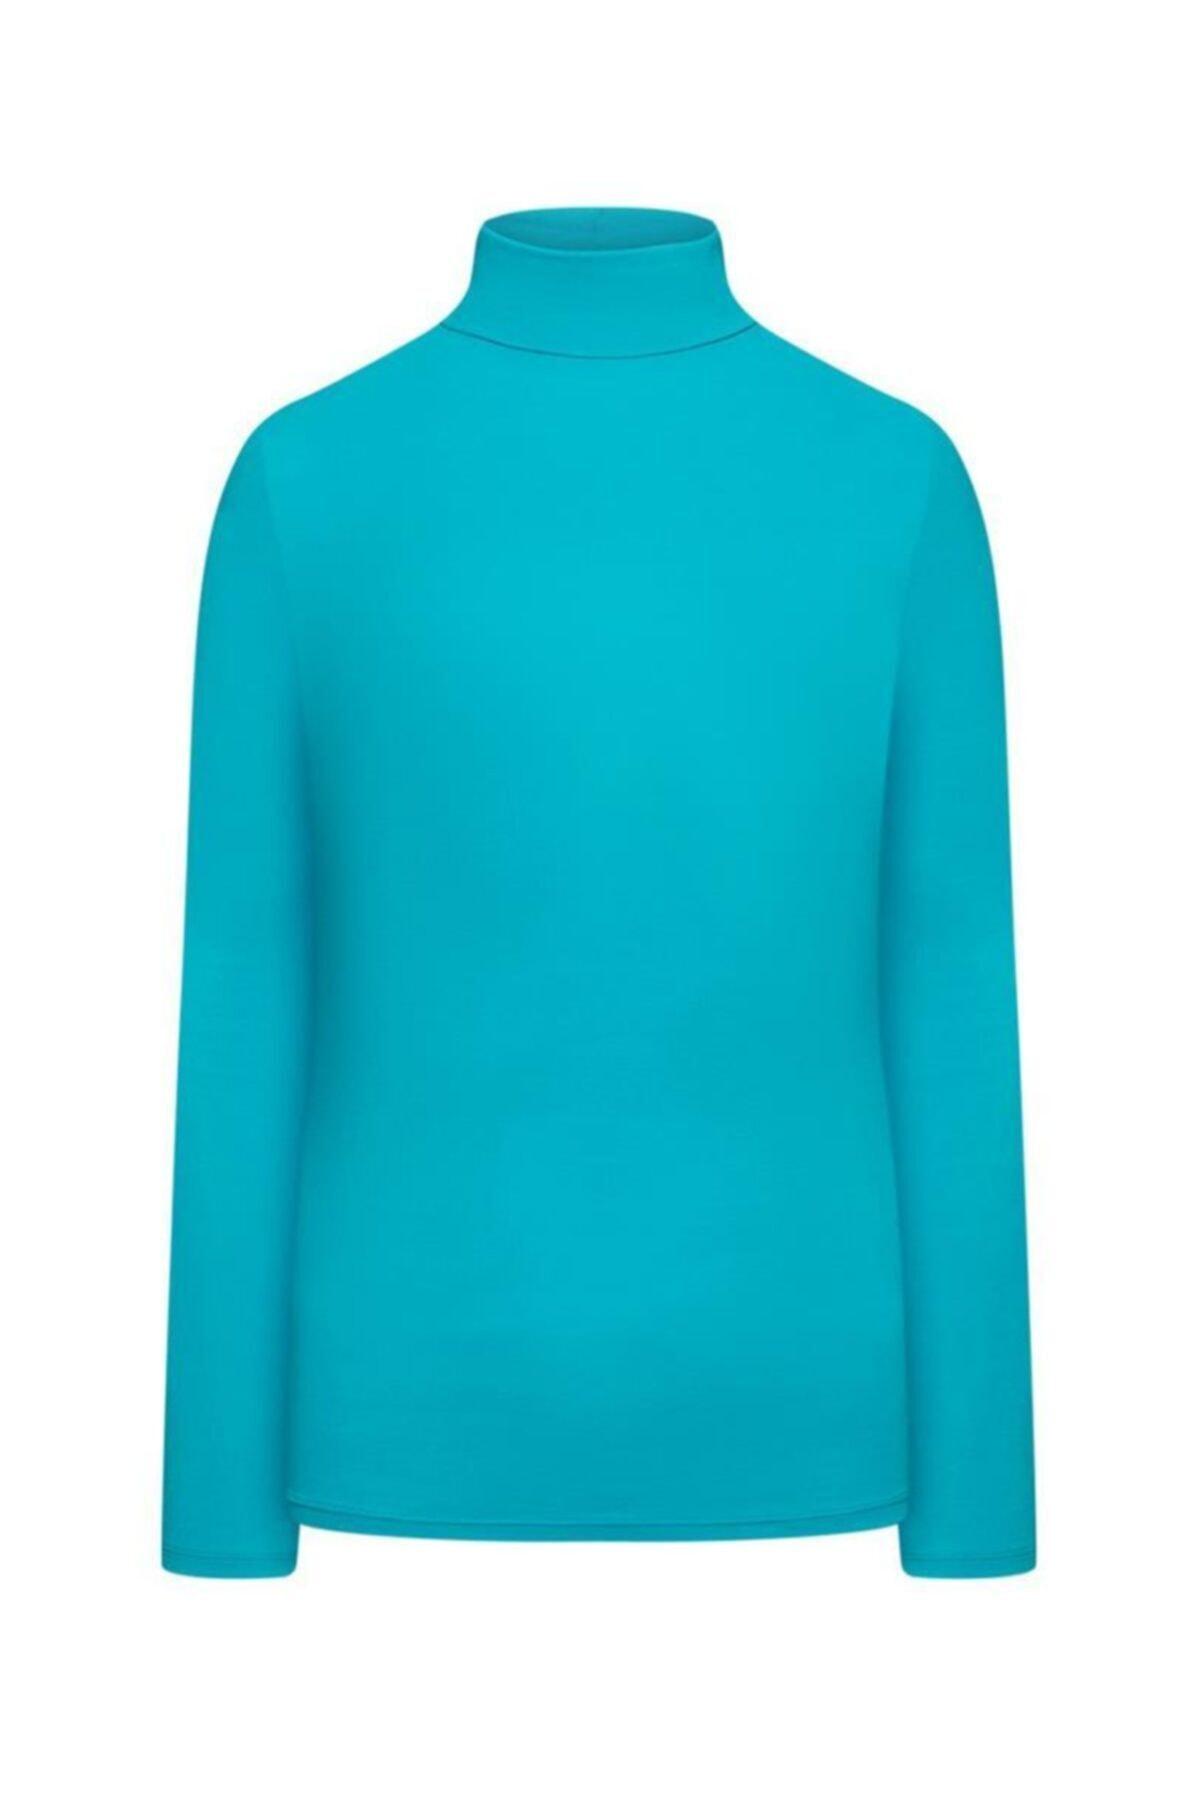 Faberlic Mavi Açık Renkli Kadınlar Için Boğazlı Body Xxl (50-52) 2